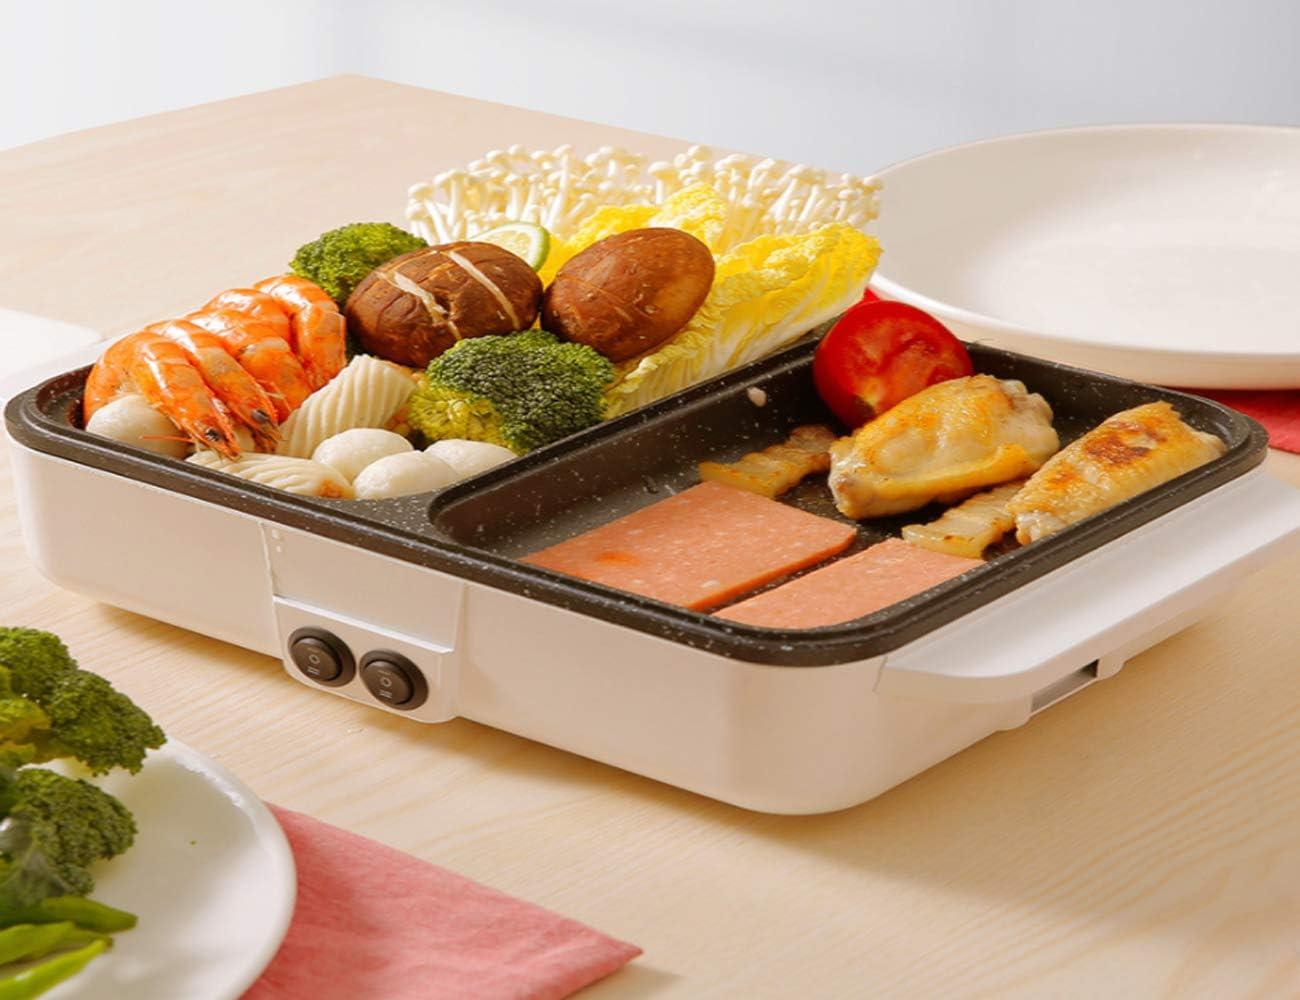 MNBVC Barbecue Barbecue électrique Et Fondue D'Asie Cuisinière Tabletop avec Revêtement en Contrôle De La Température Chauffage Rapide Barbecue A